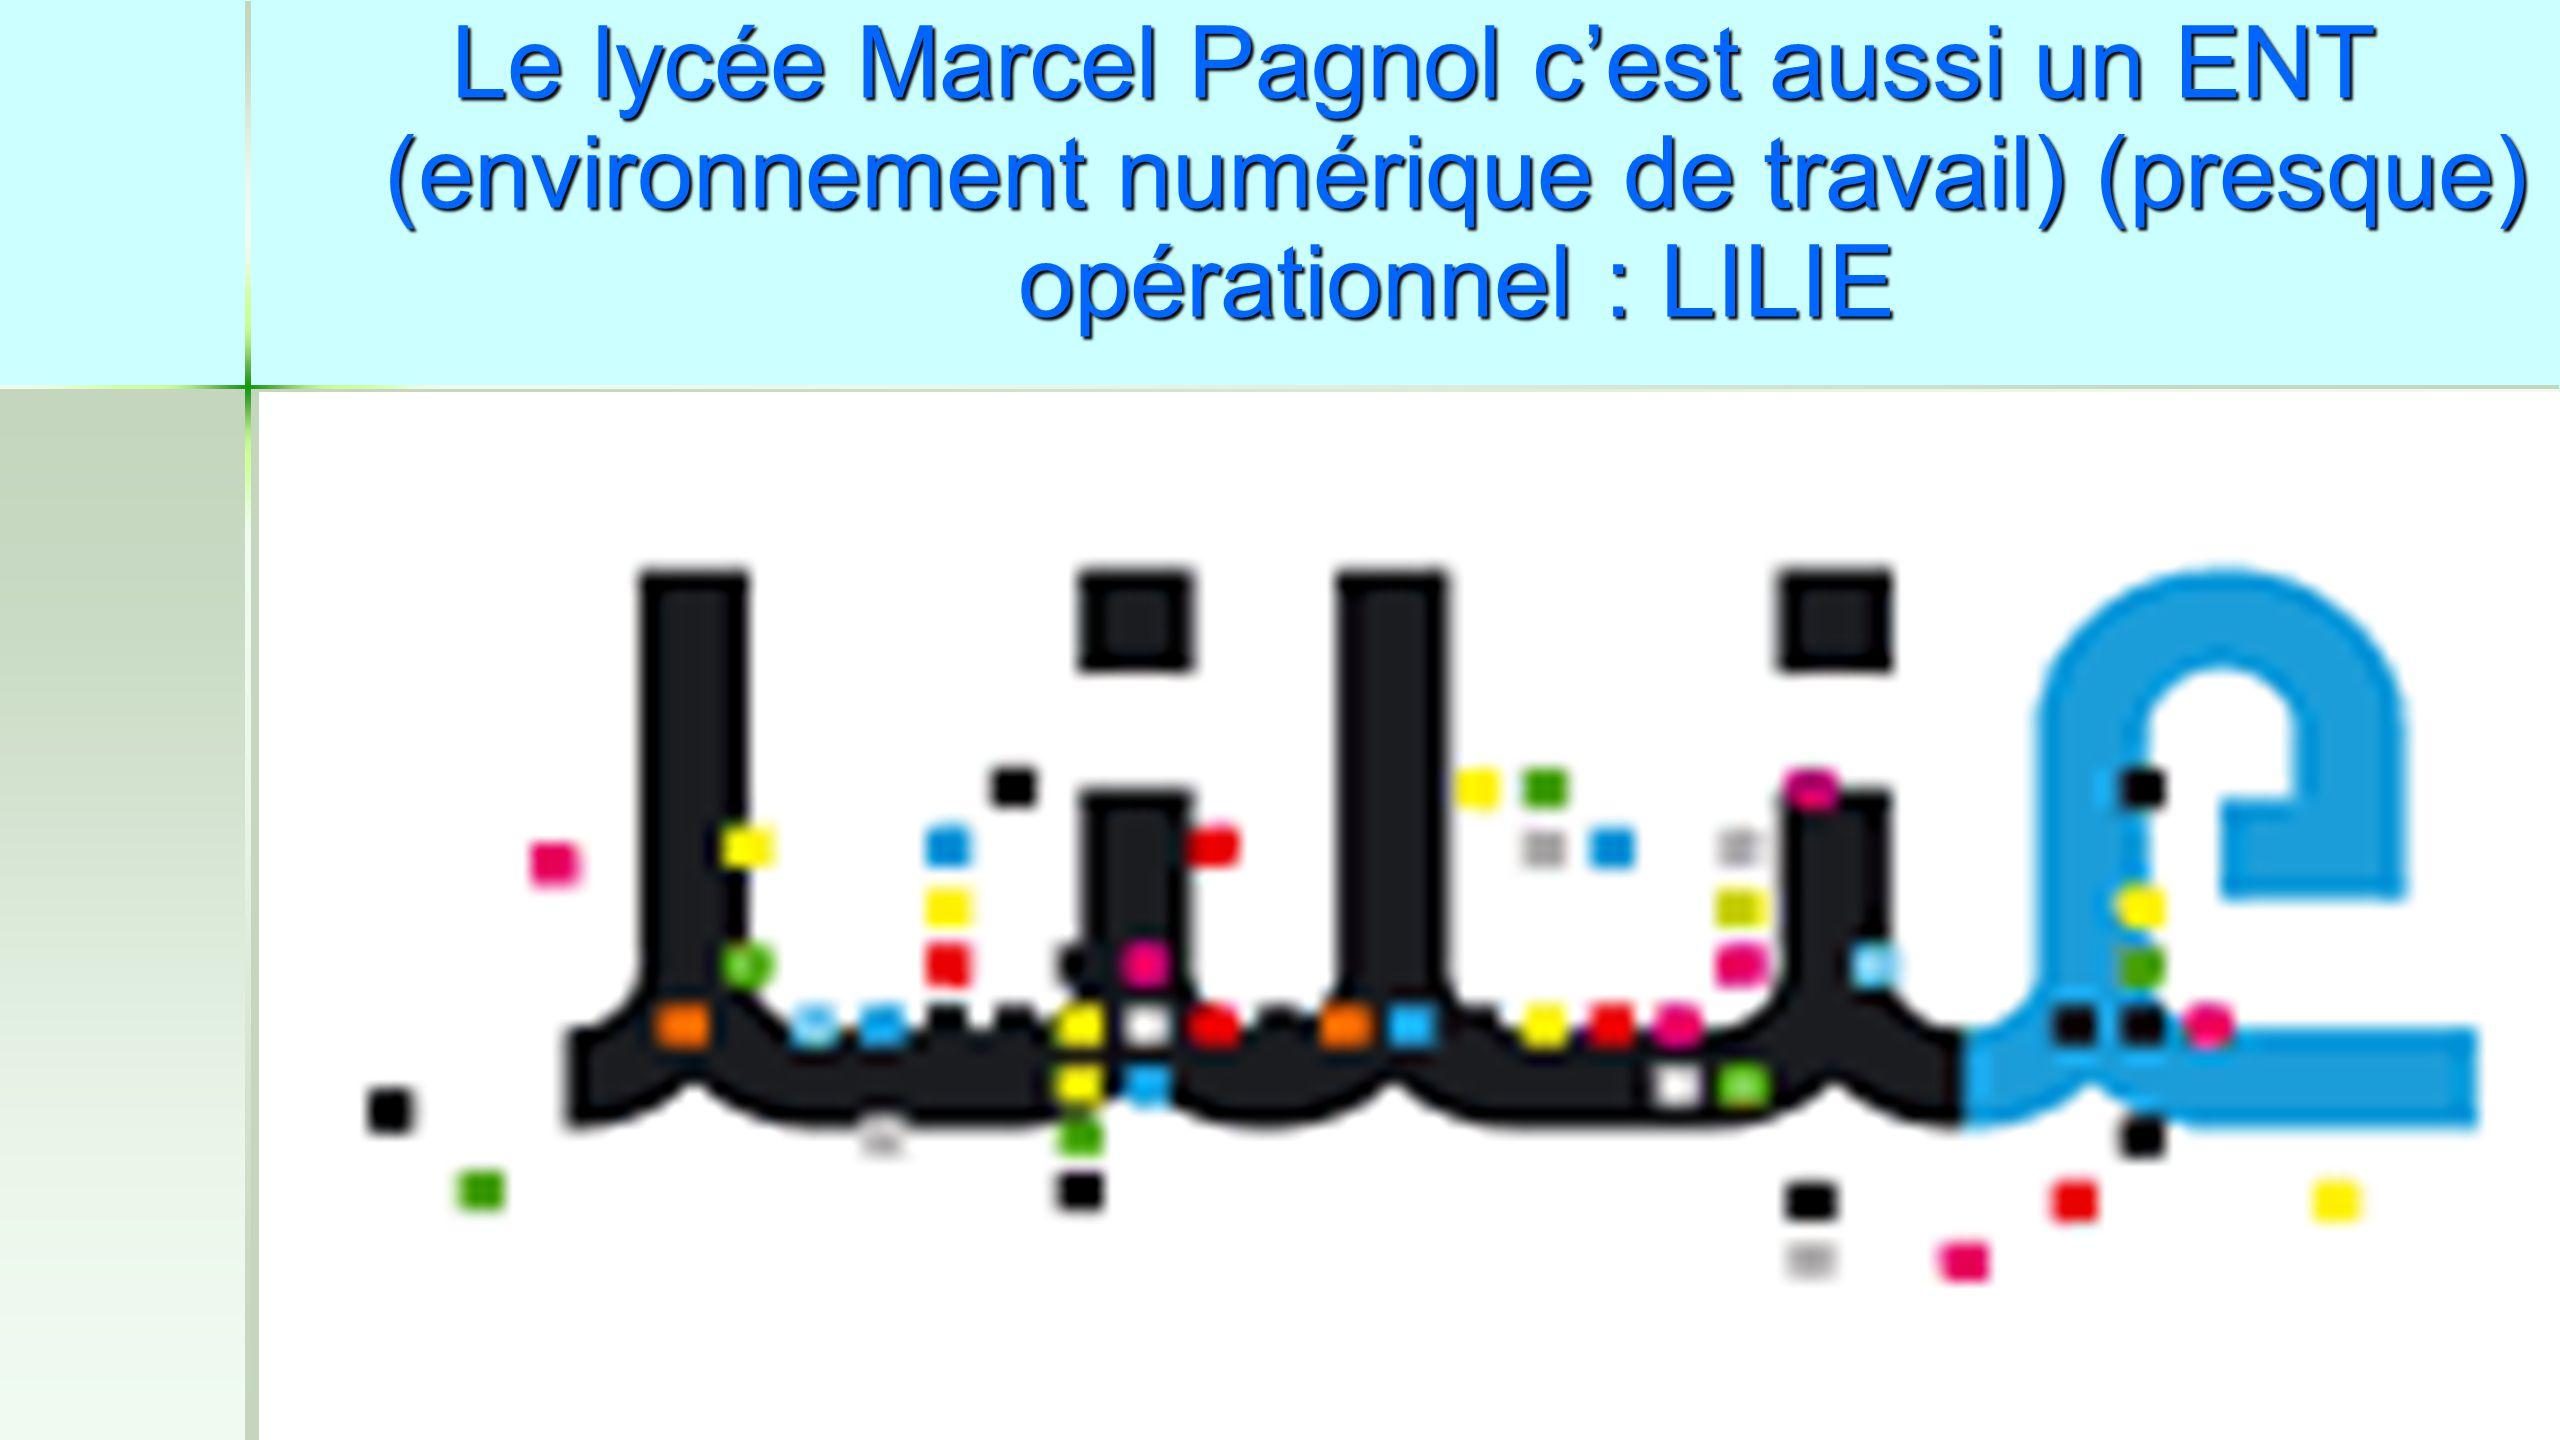 Le lycée Marcel Pagnol c'est aussi un ENT (environnement numérique de travail) (presque) opérationnel : LILIE